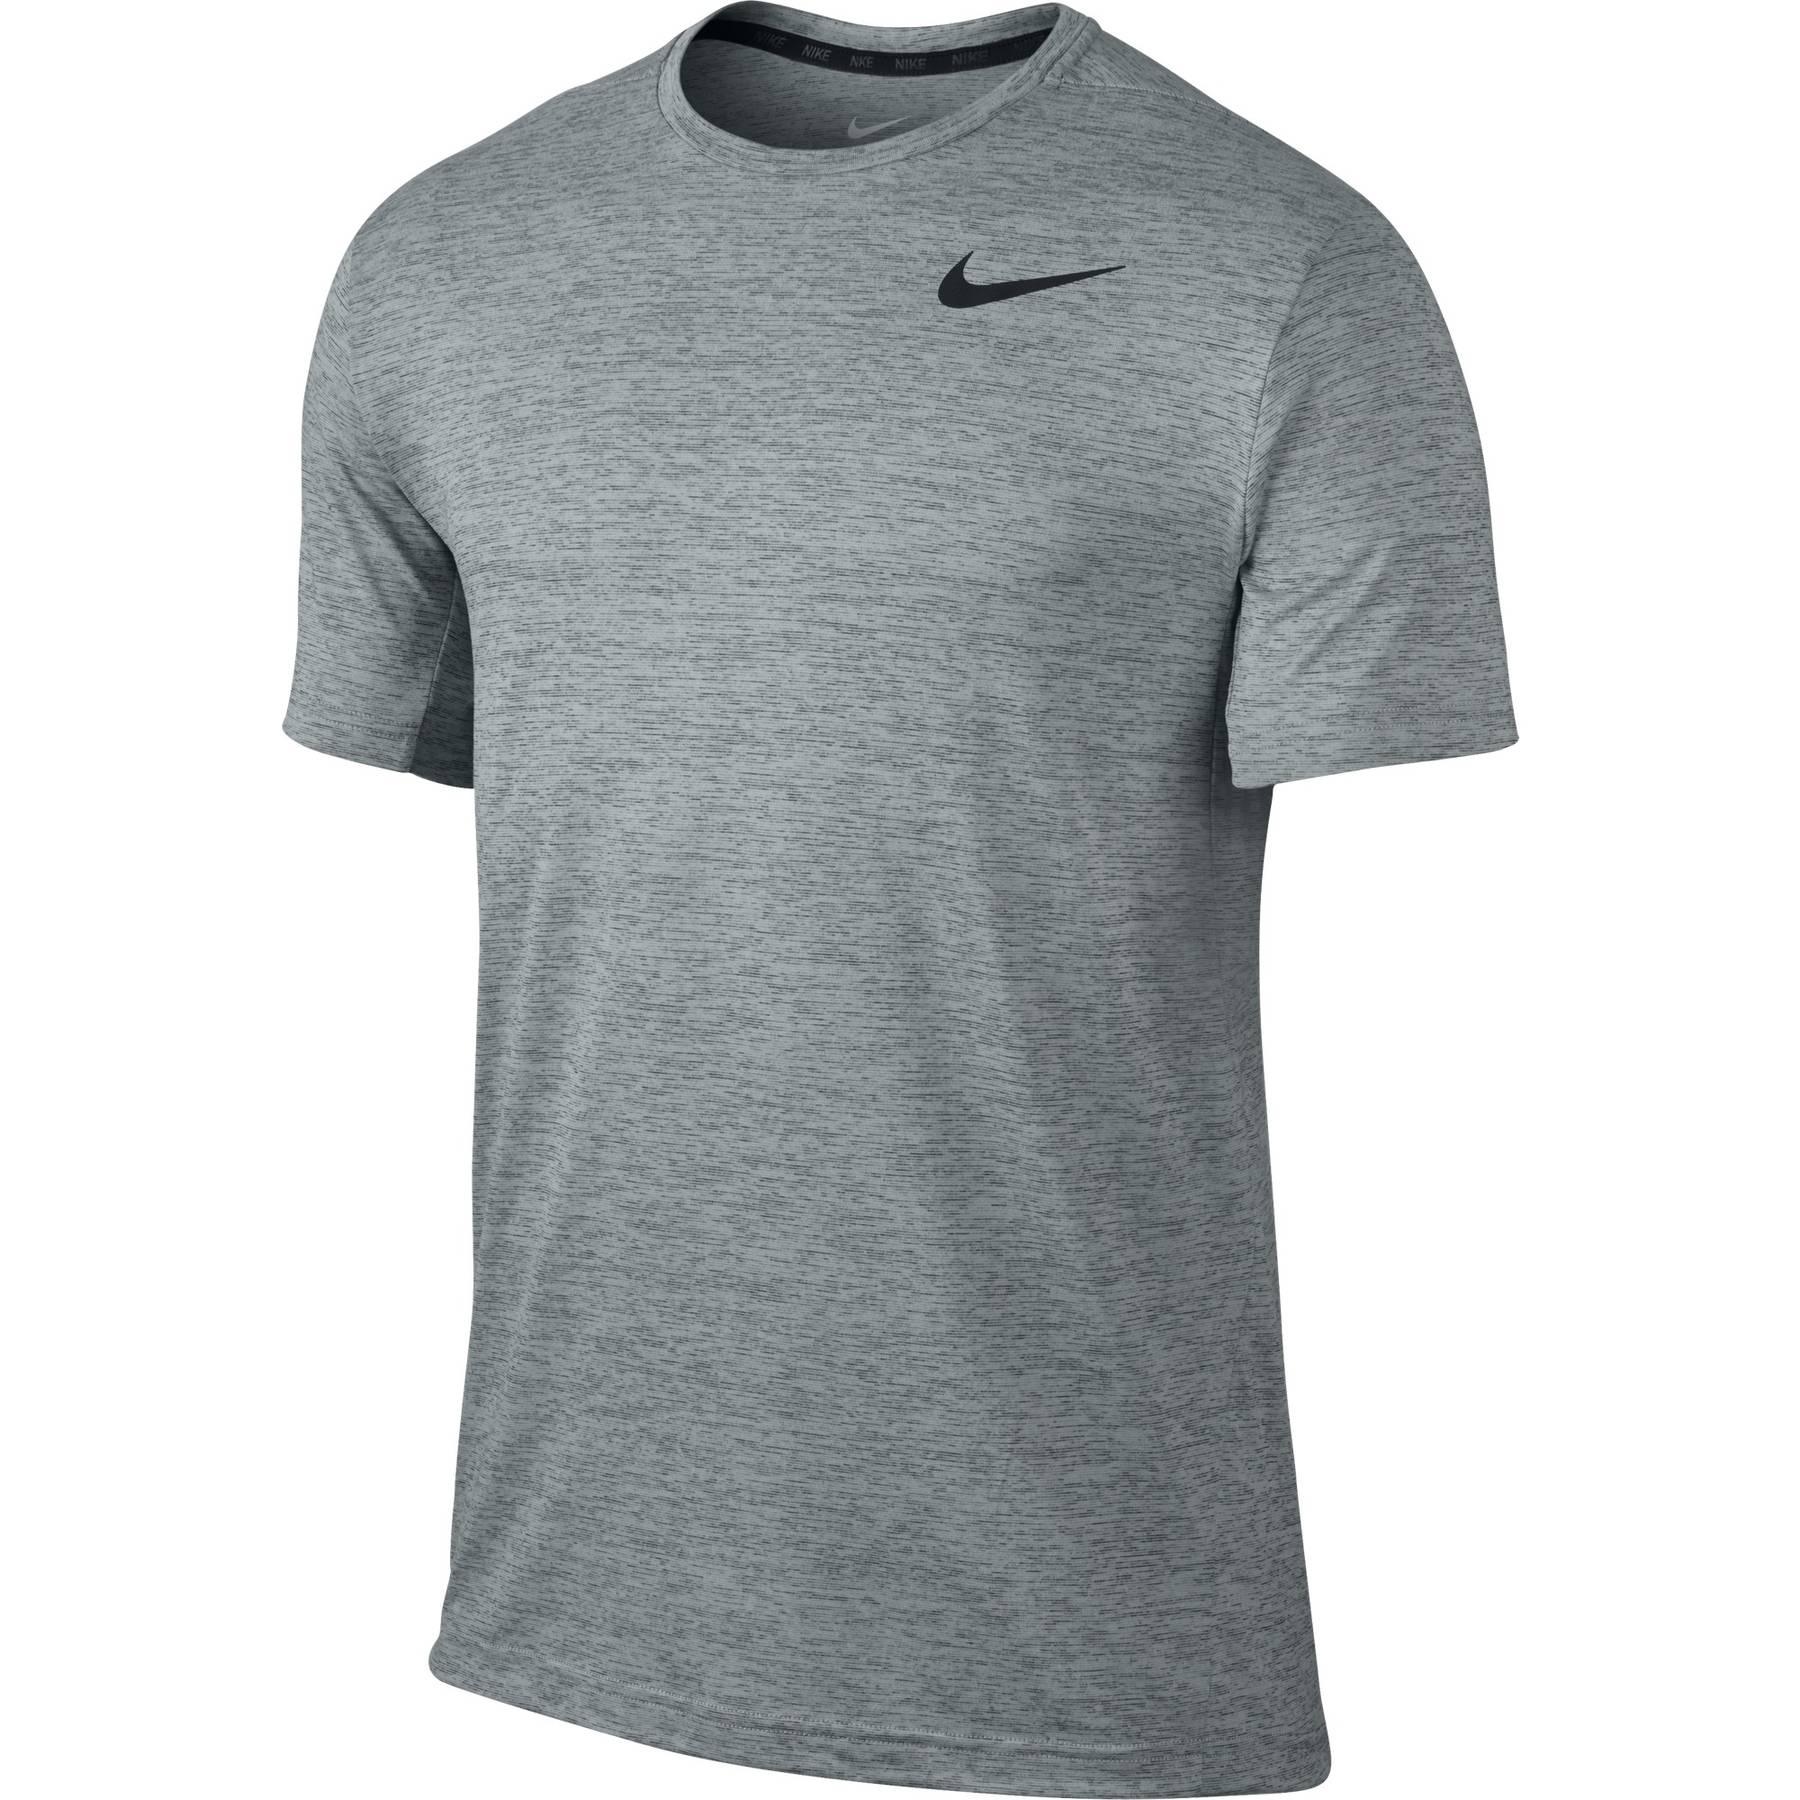 grau Nike Shit Fitness